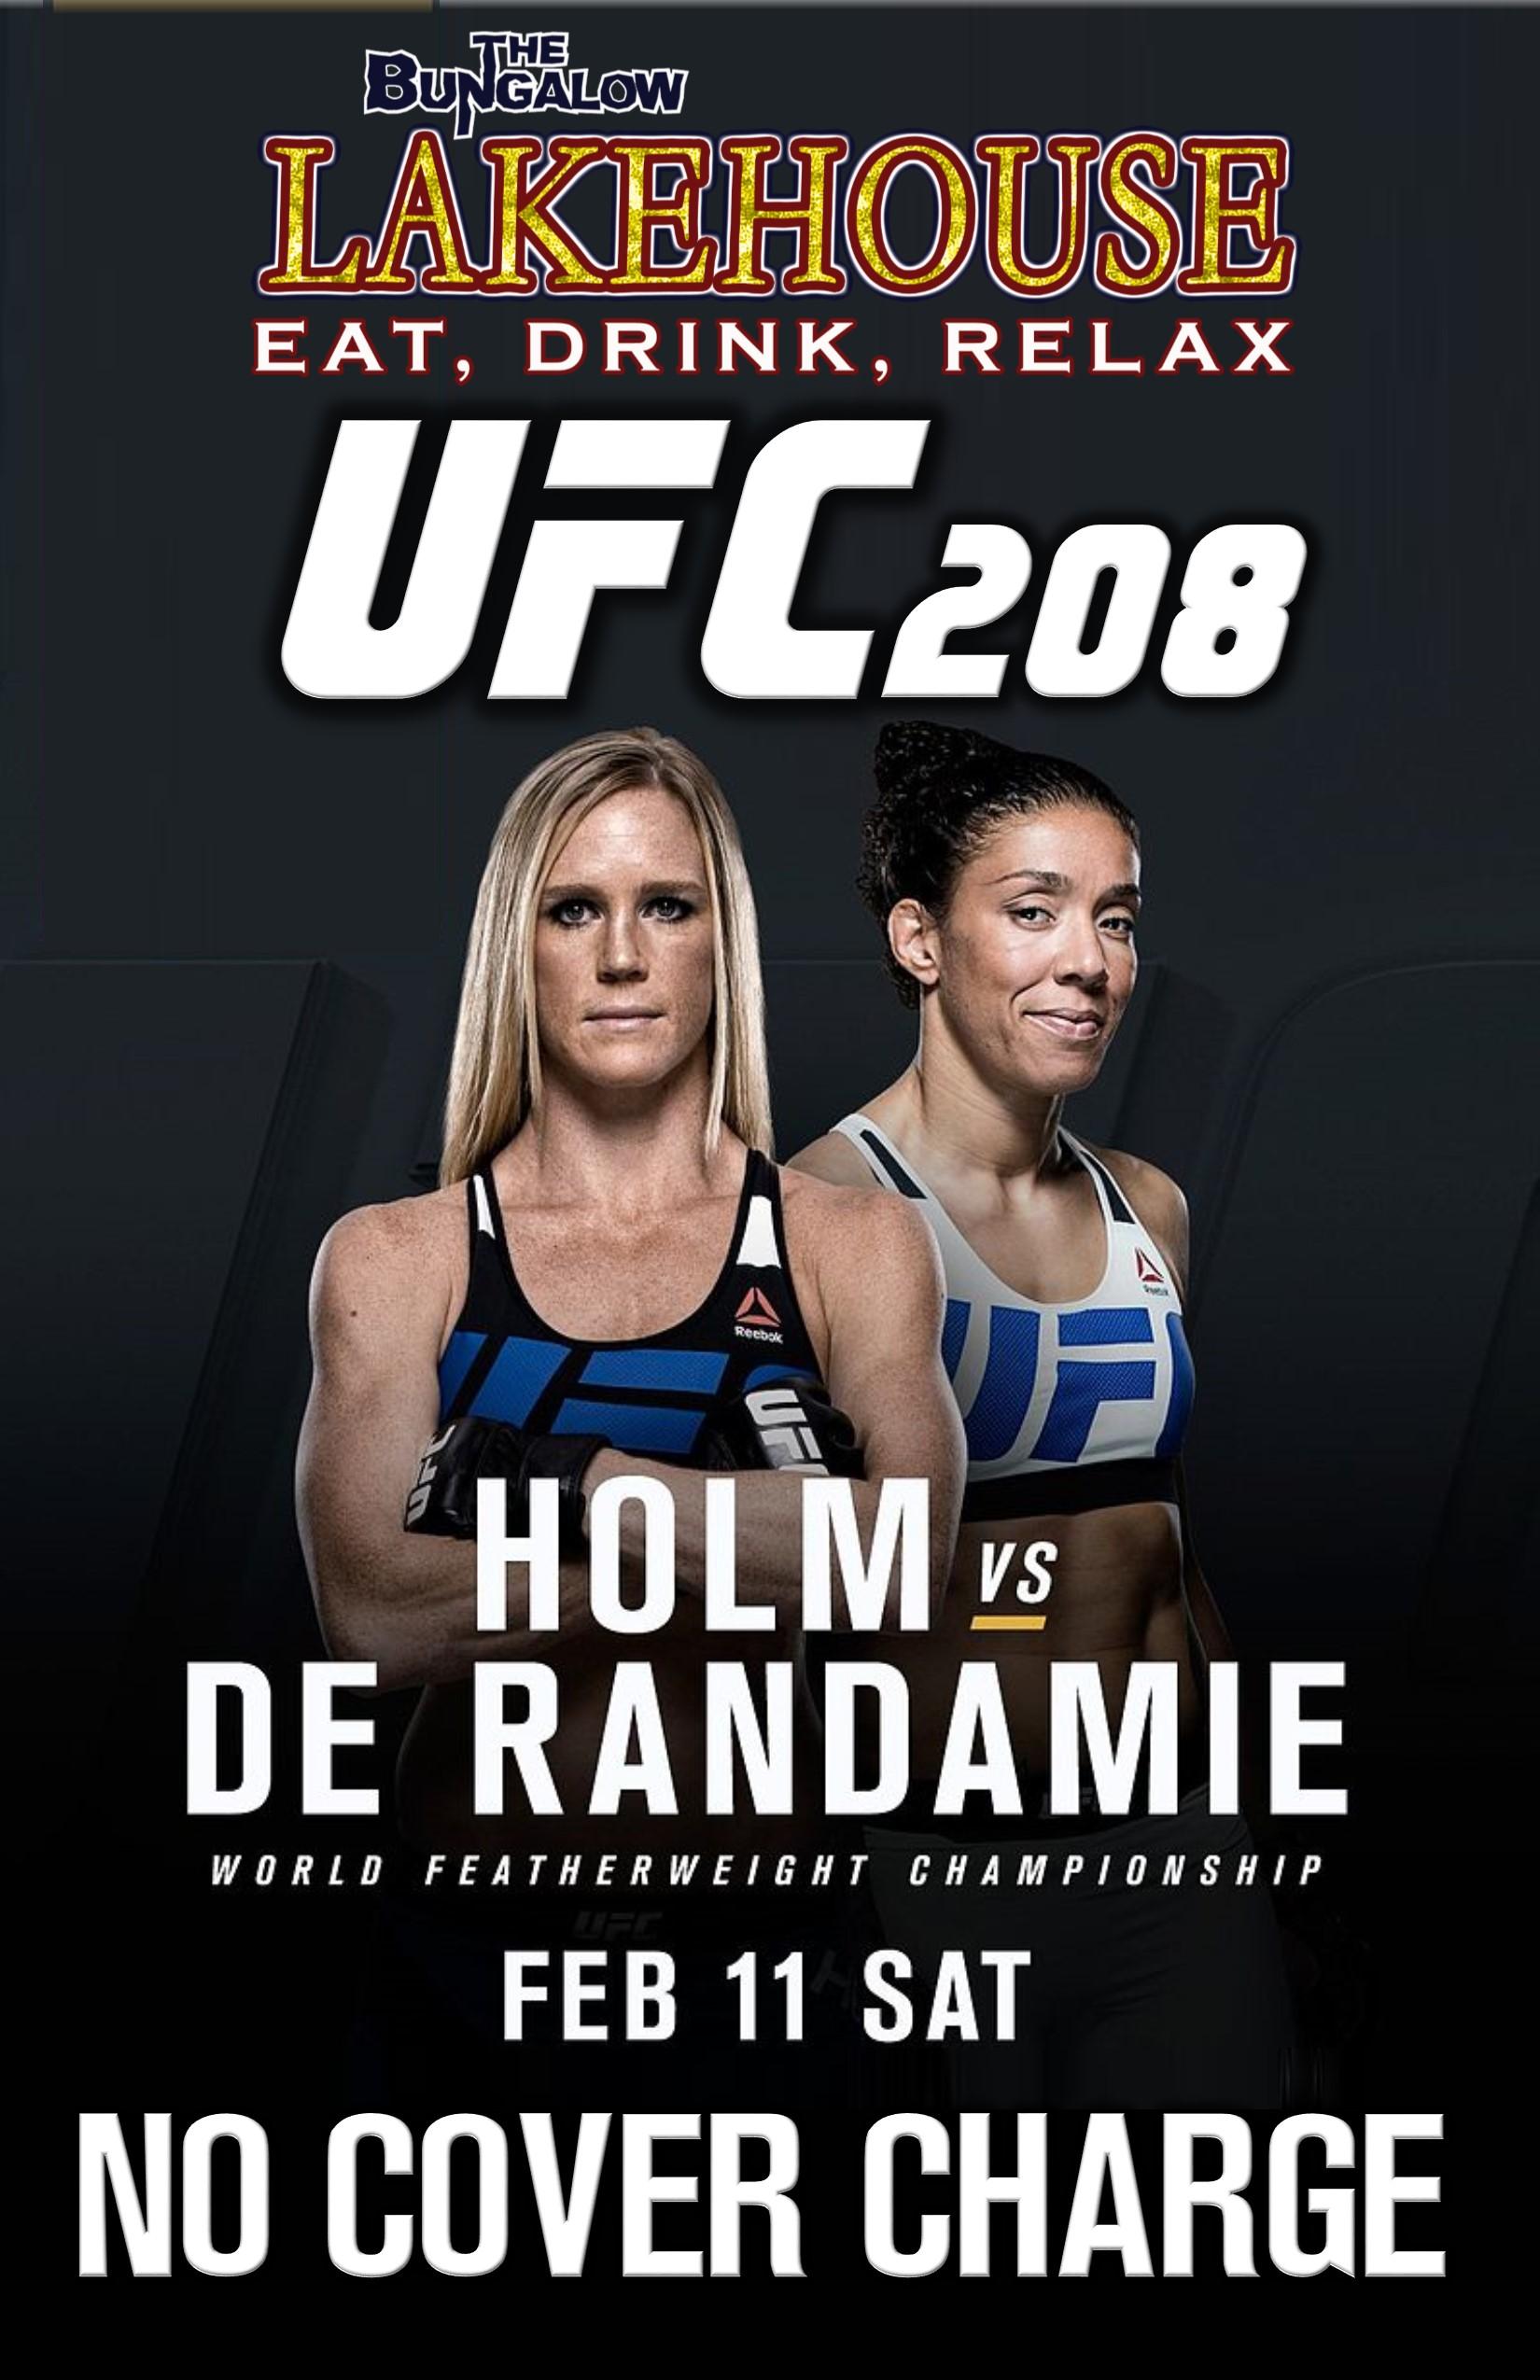 UFC 208 LH